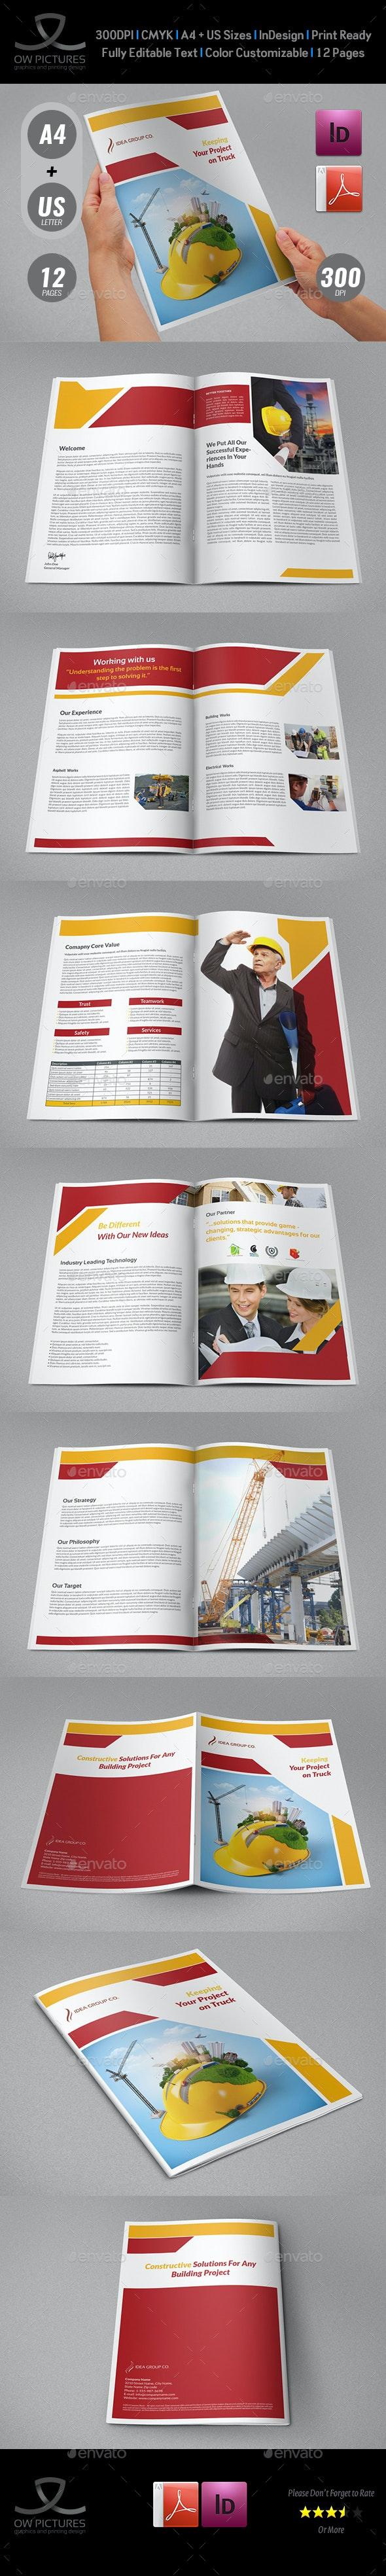 Construction Industry Brochure Template Vol.2 - Corporate Brochures